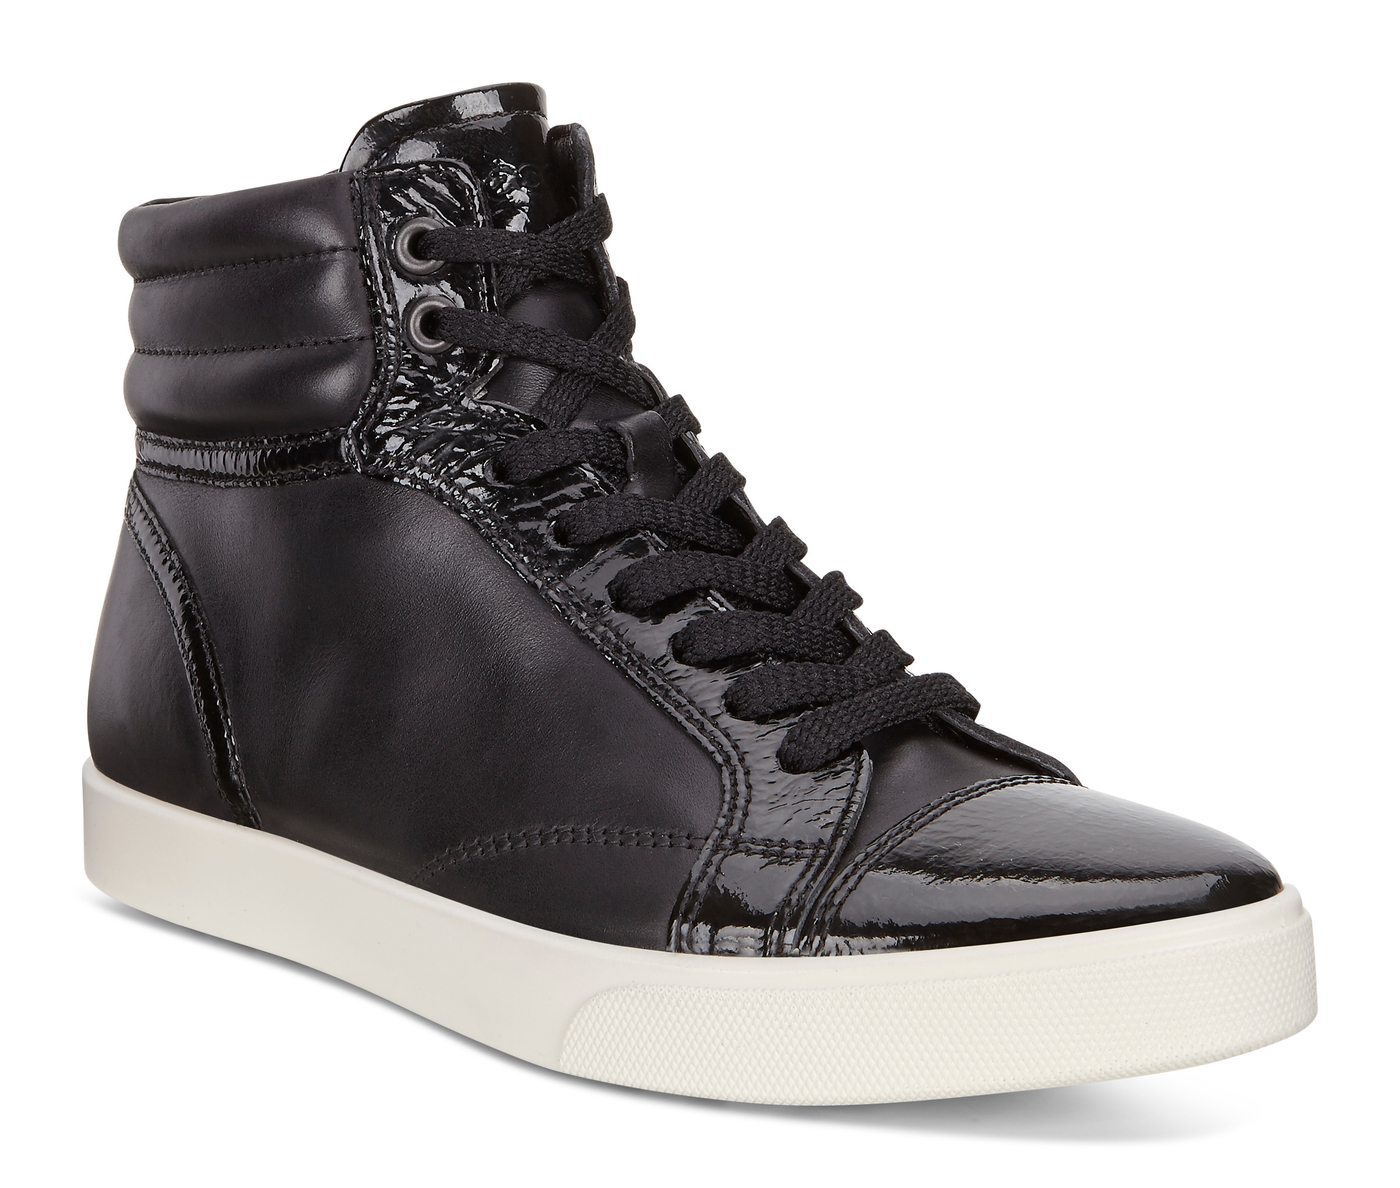 Chaussure montante ECCO Gillian